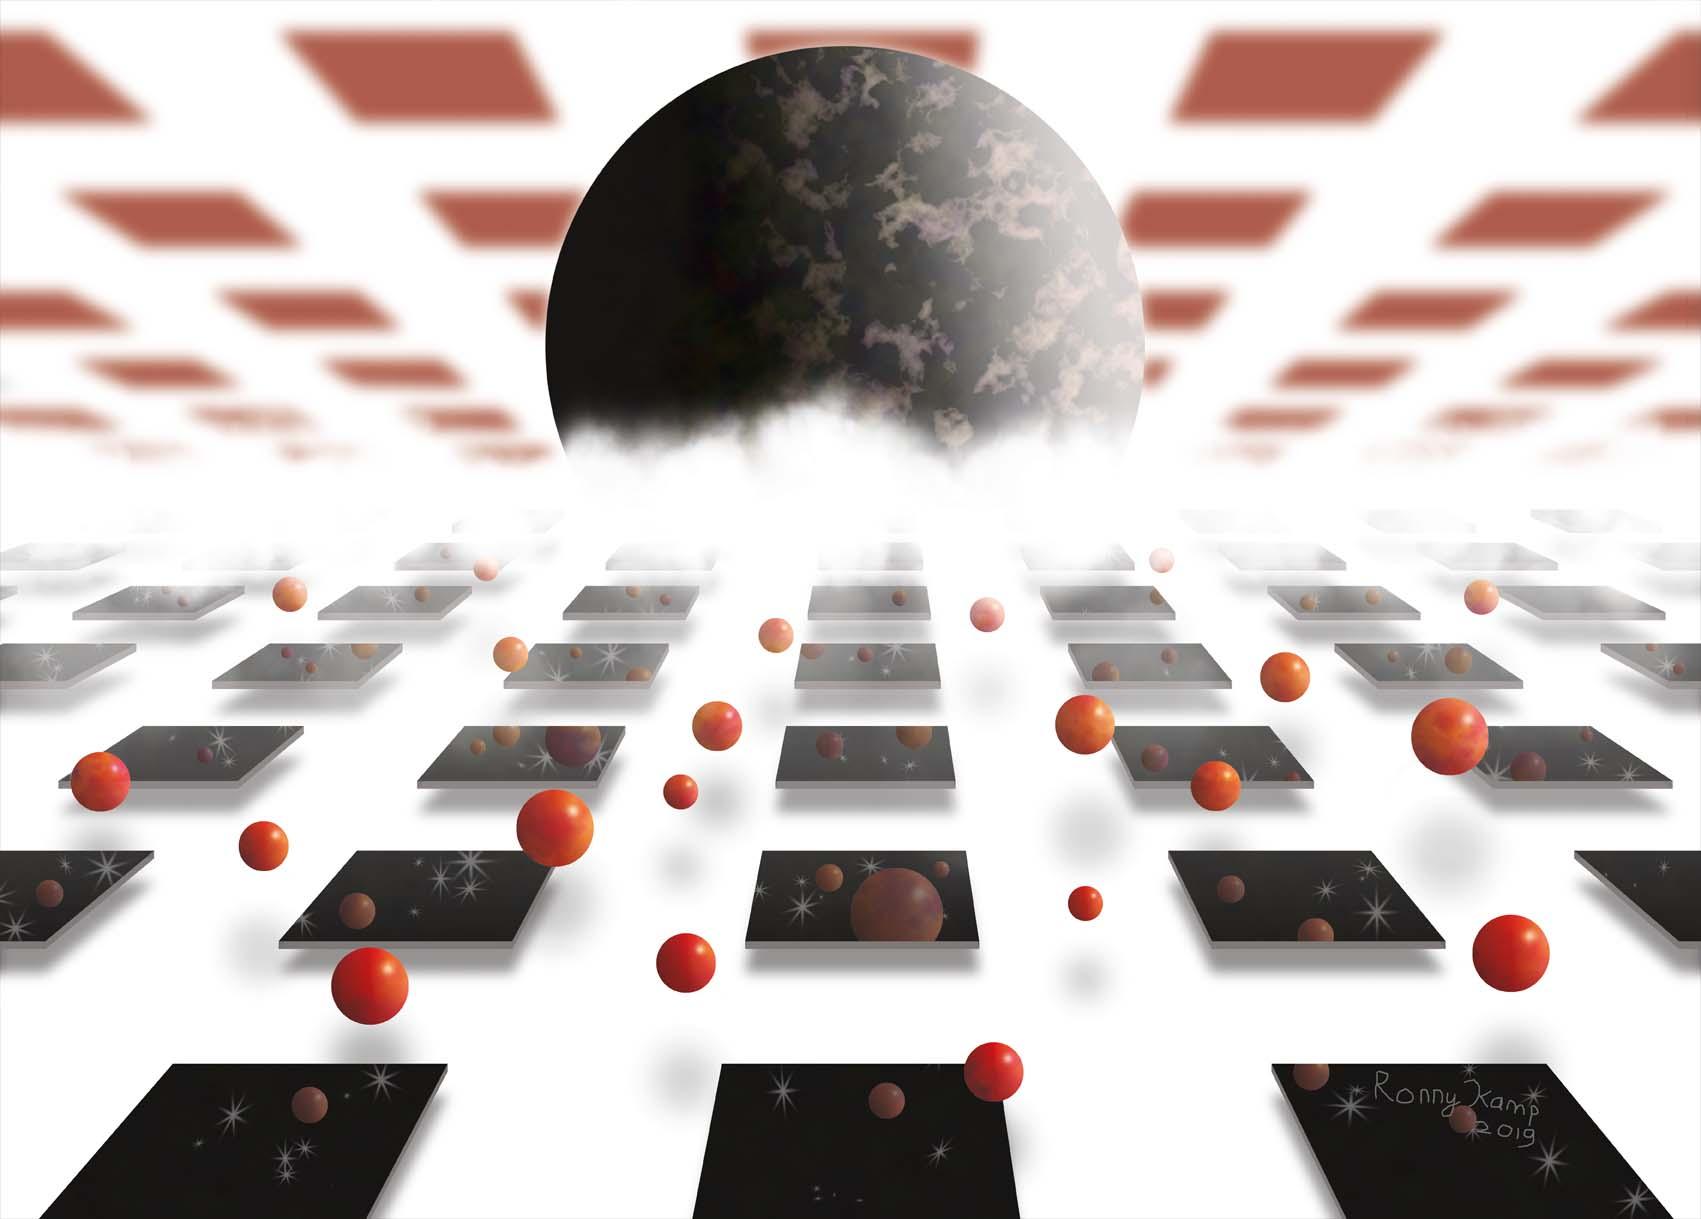 zwarte panelen op witte ondergrond, die zich uitstrekken in de verte. Rode ballen vallen. Vierkante rode wolken in de lucht. De realiteit neemt oneindige vormen aan.